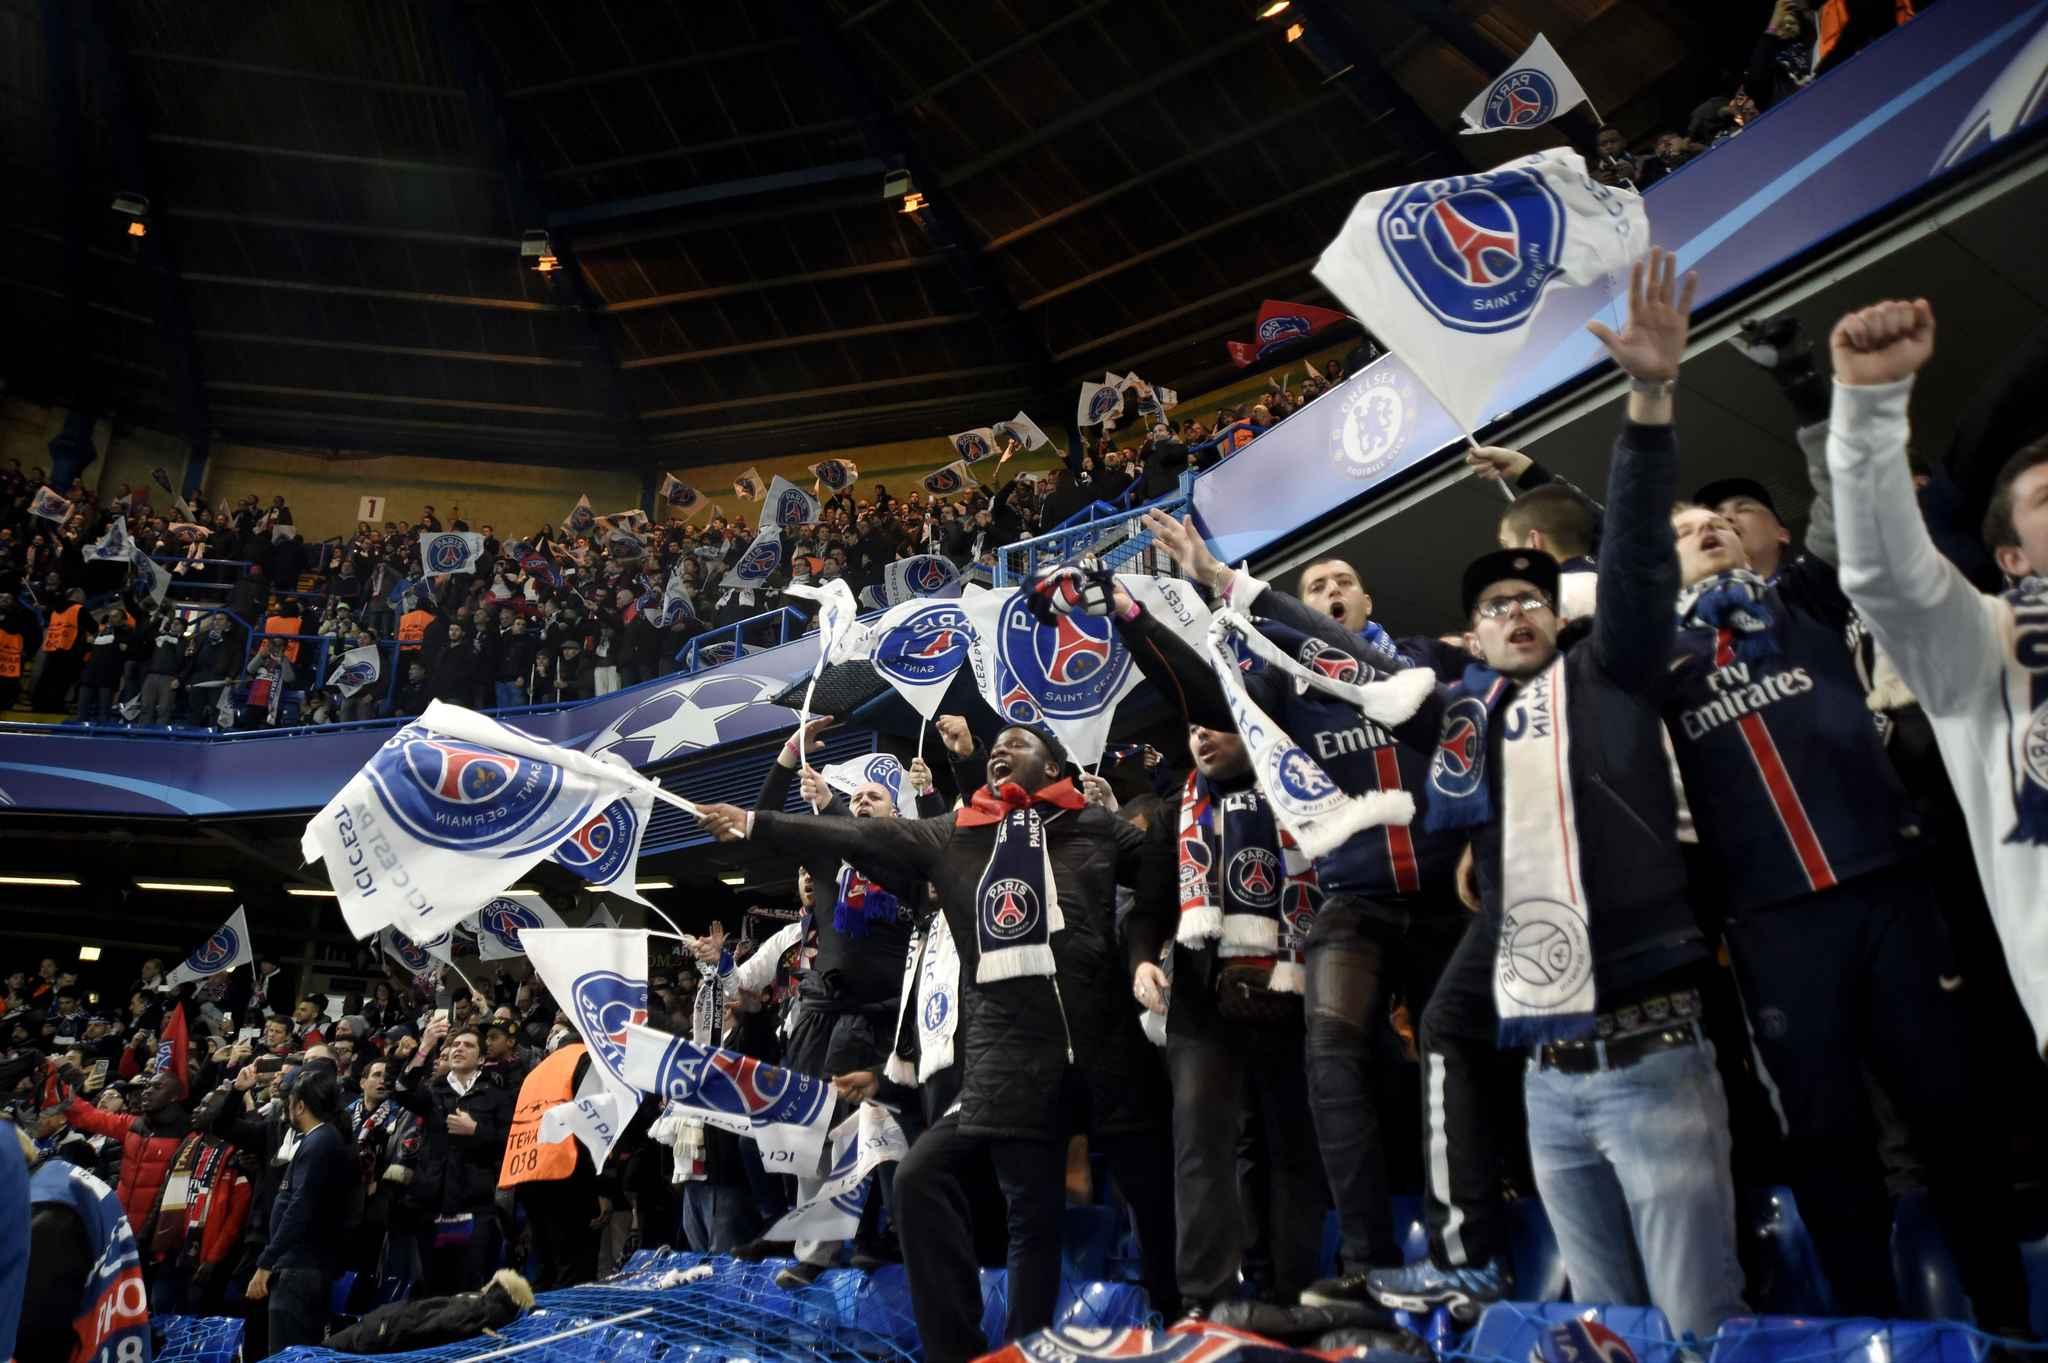 chelsea psg des supporters parisiens emp ch s d 39 acc der au stade. Black Bedroom Furniture Sets. Home Design Ideas